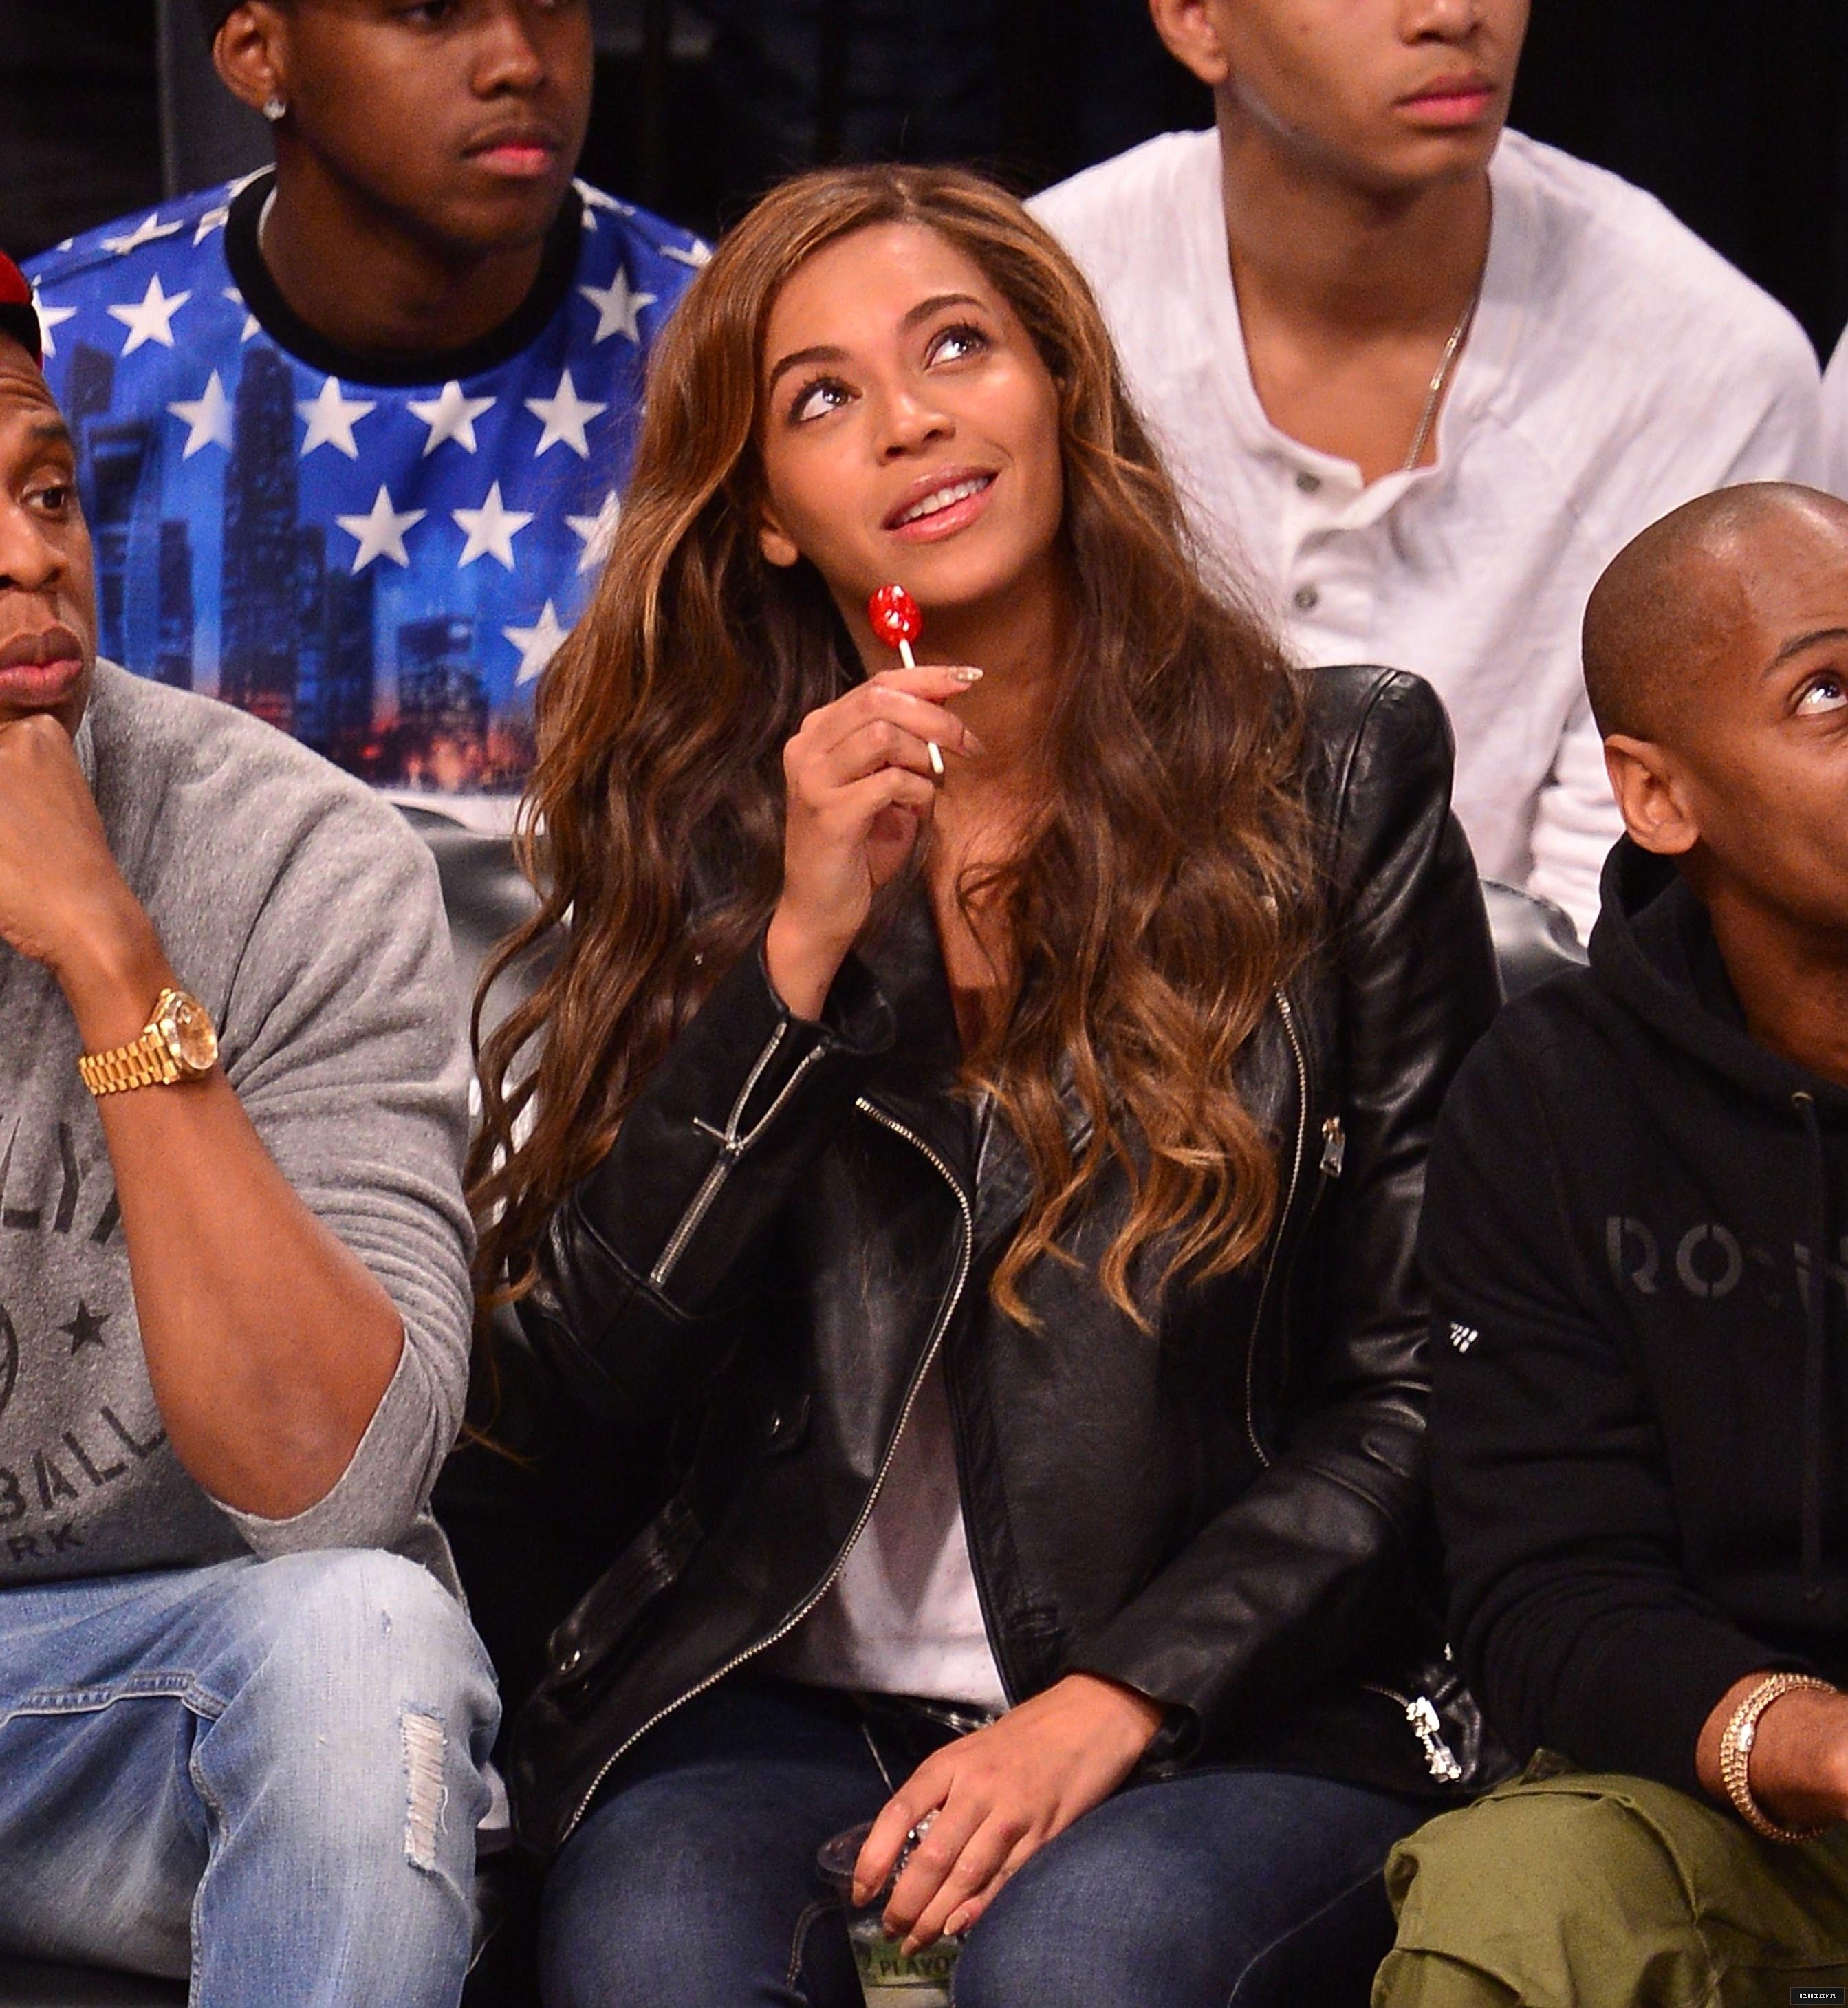 Beyoncé > Apariciones en público <Candids> [III] - Página 25 Toronto-brooklyn_game3_14